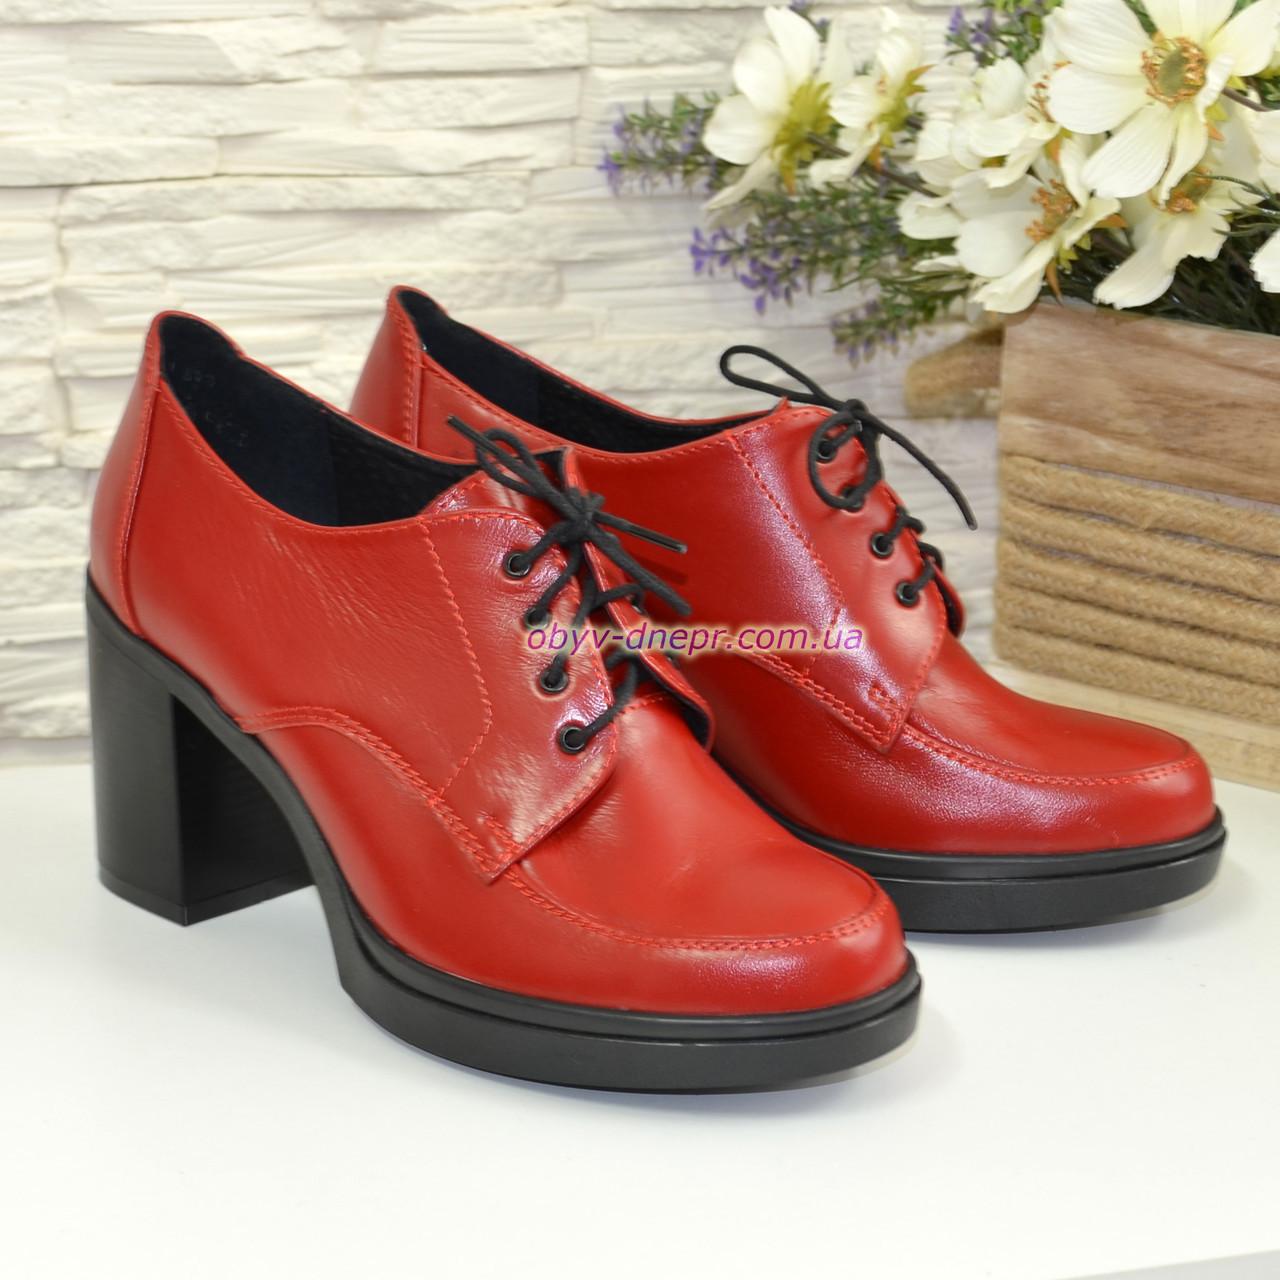 Туфли женские красные кожаные на устойчивом каблуке